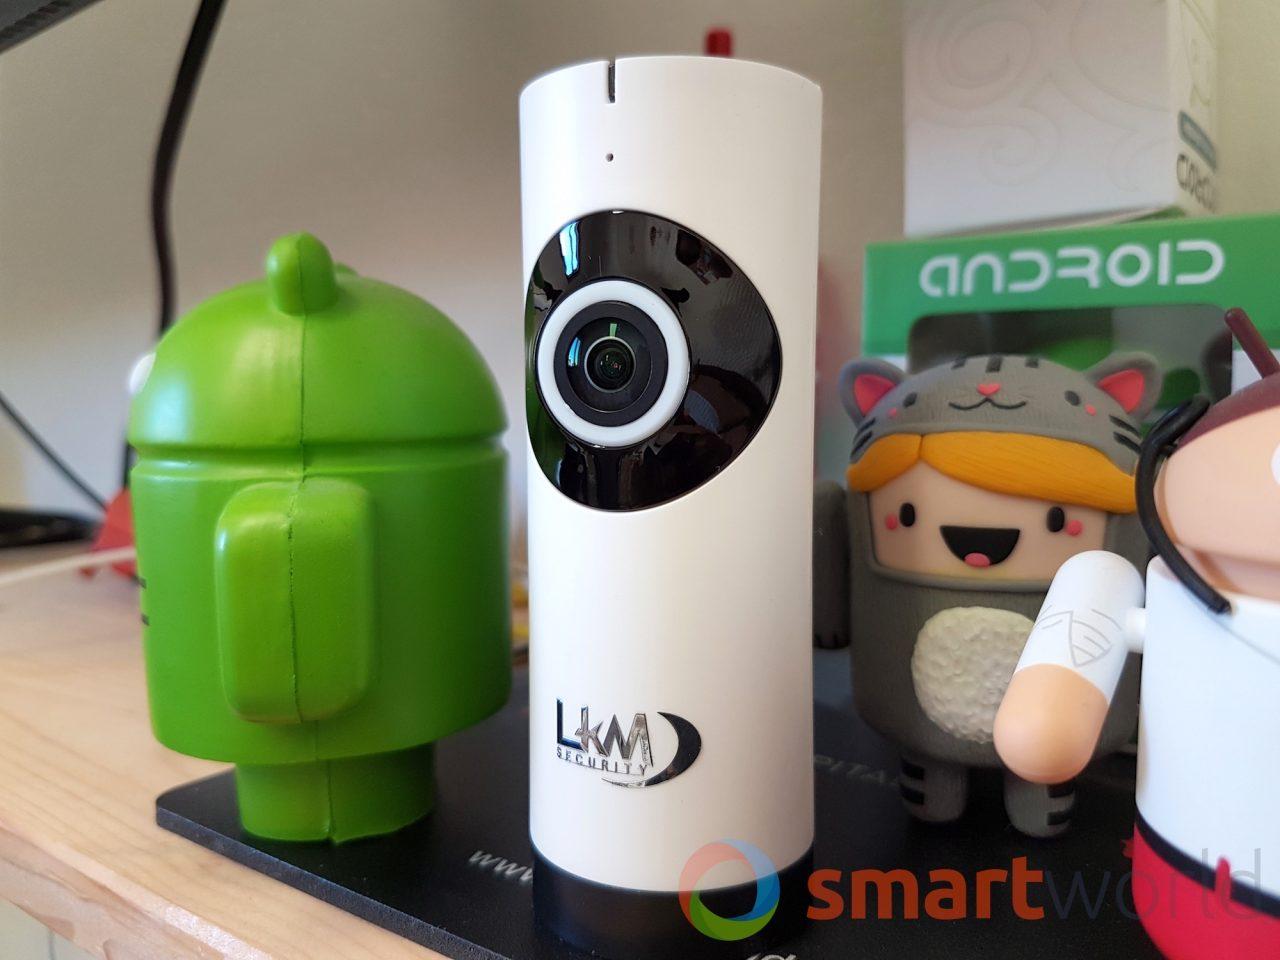 LKM Wireless Security